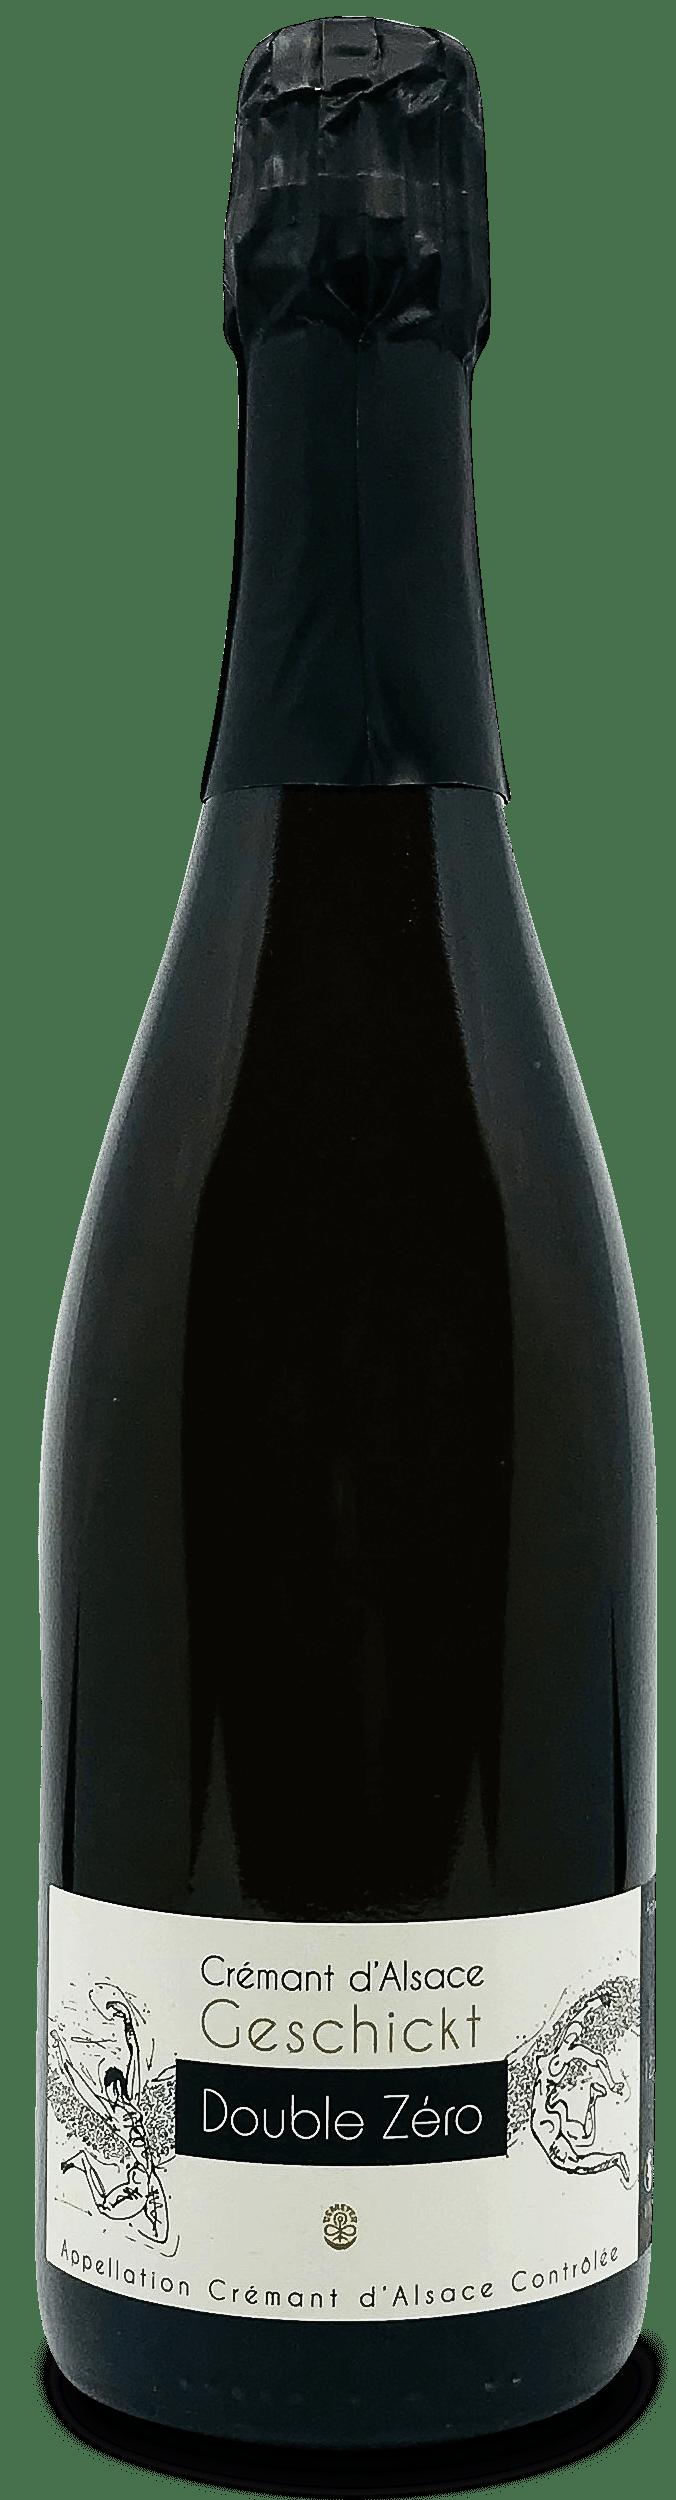 Cremant d'Alsace Double Zero - Vinsupernaturel